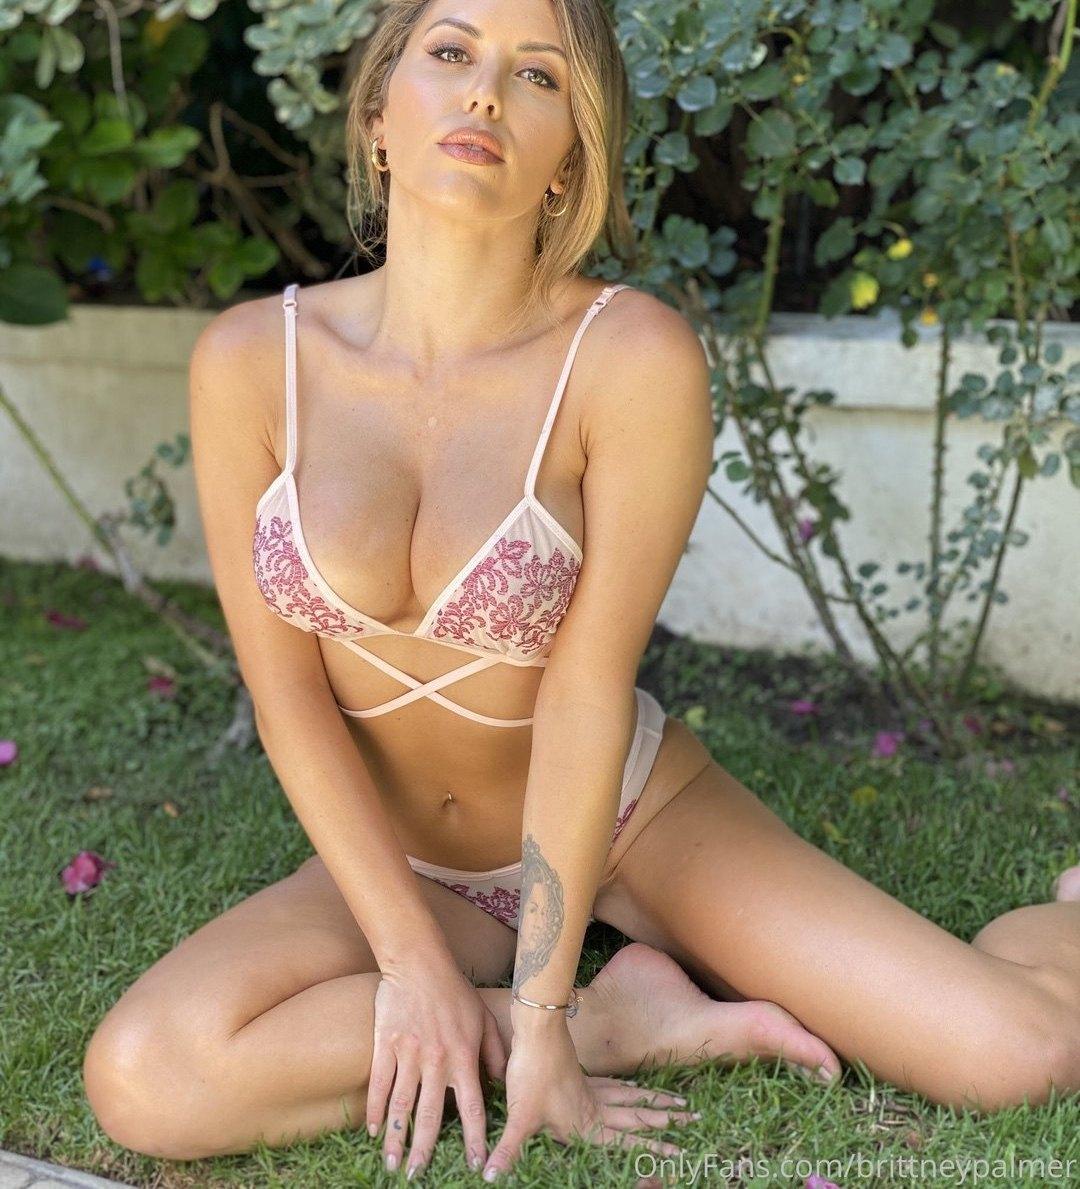 Brittney Palmer Brittneypalmer Onlyfans Sexy Leaks 0007